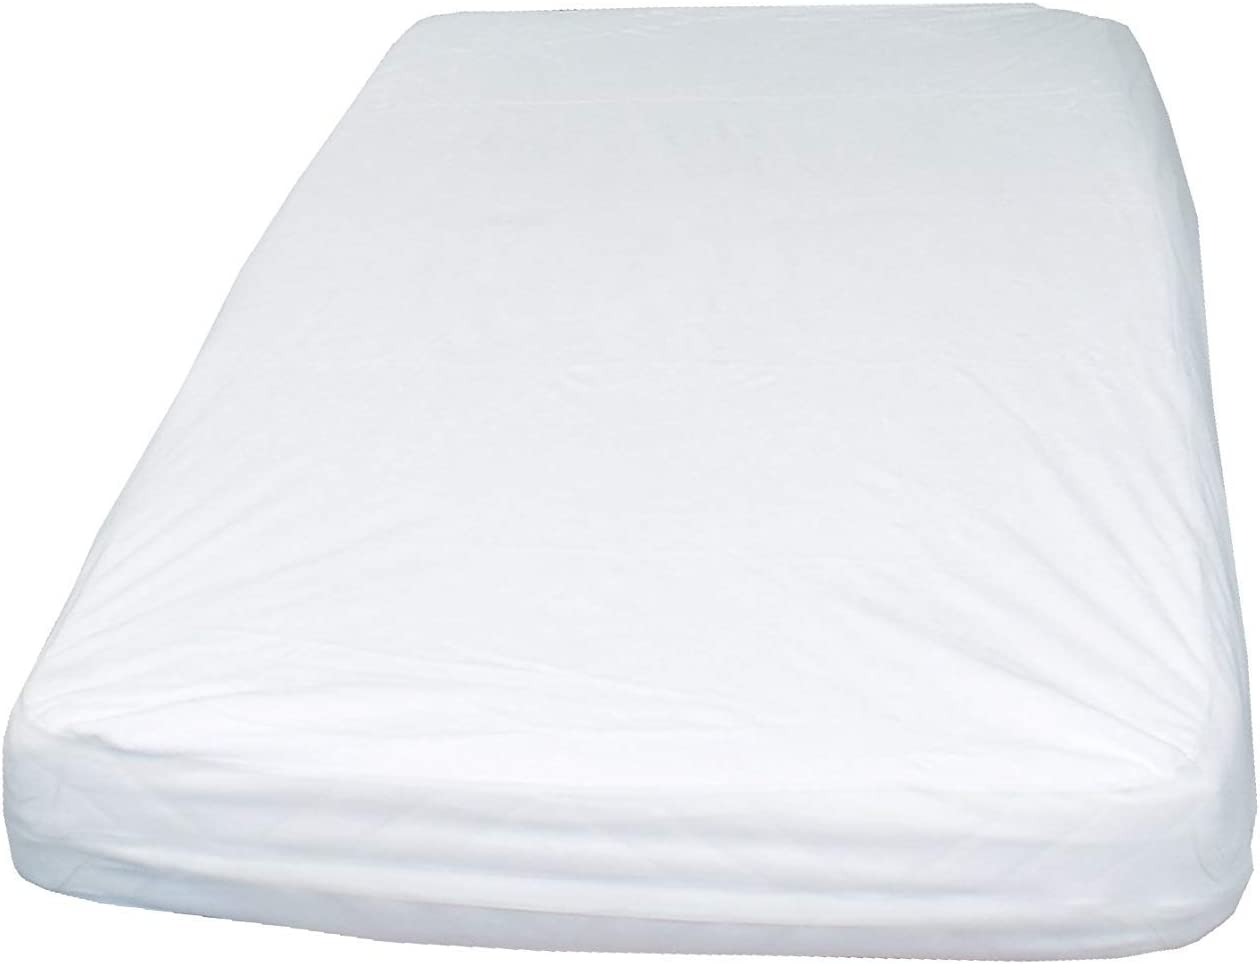 Protecteur de matelas de lit imperm/éable et respirant 70/x 140/cm